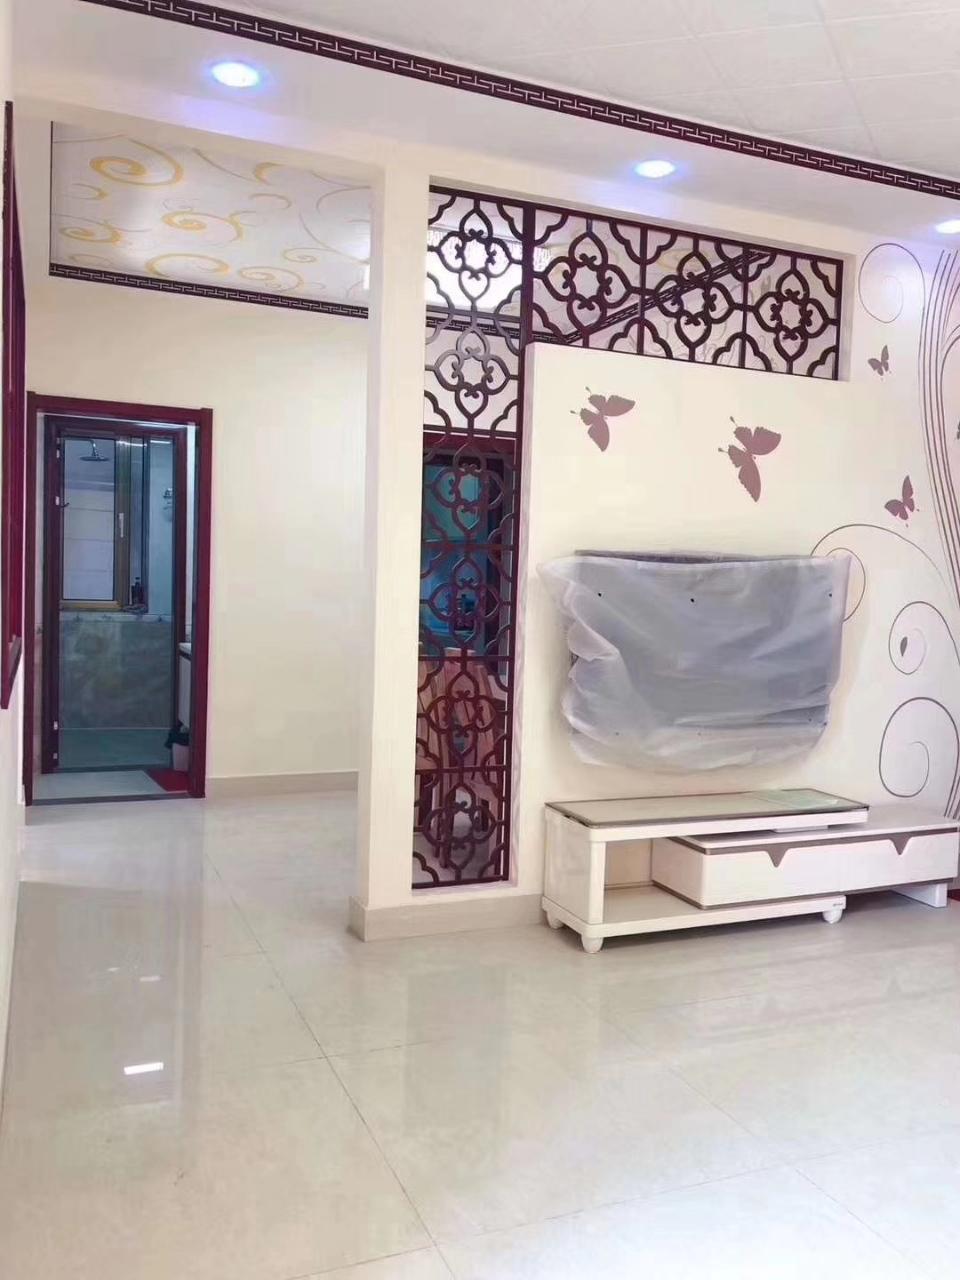 丽景豪庭将装修3室2厅1卫72万元